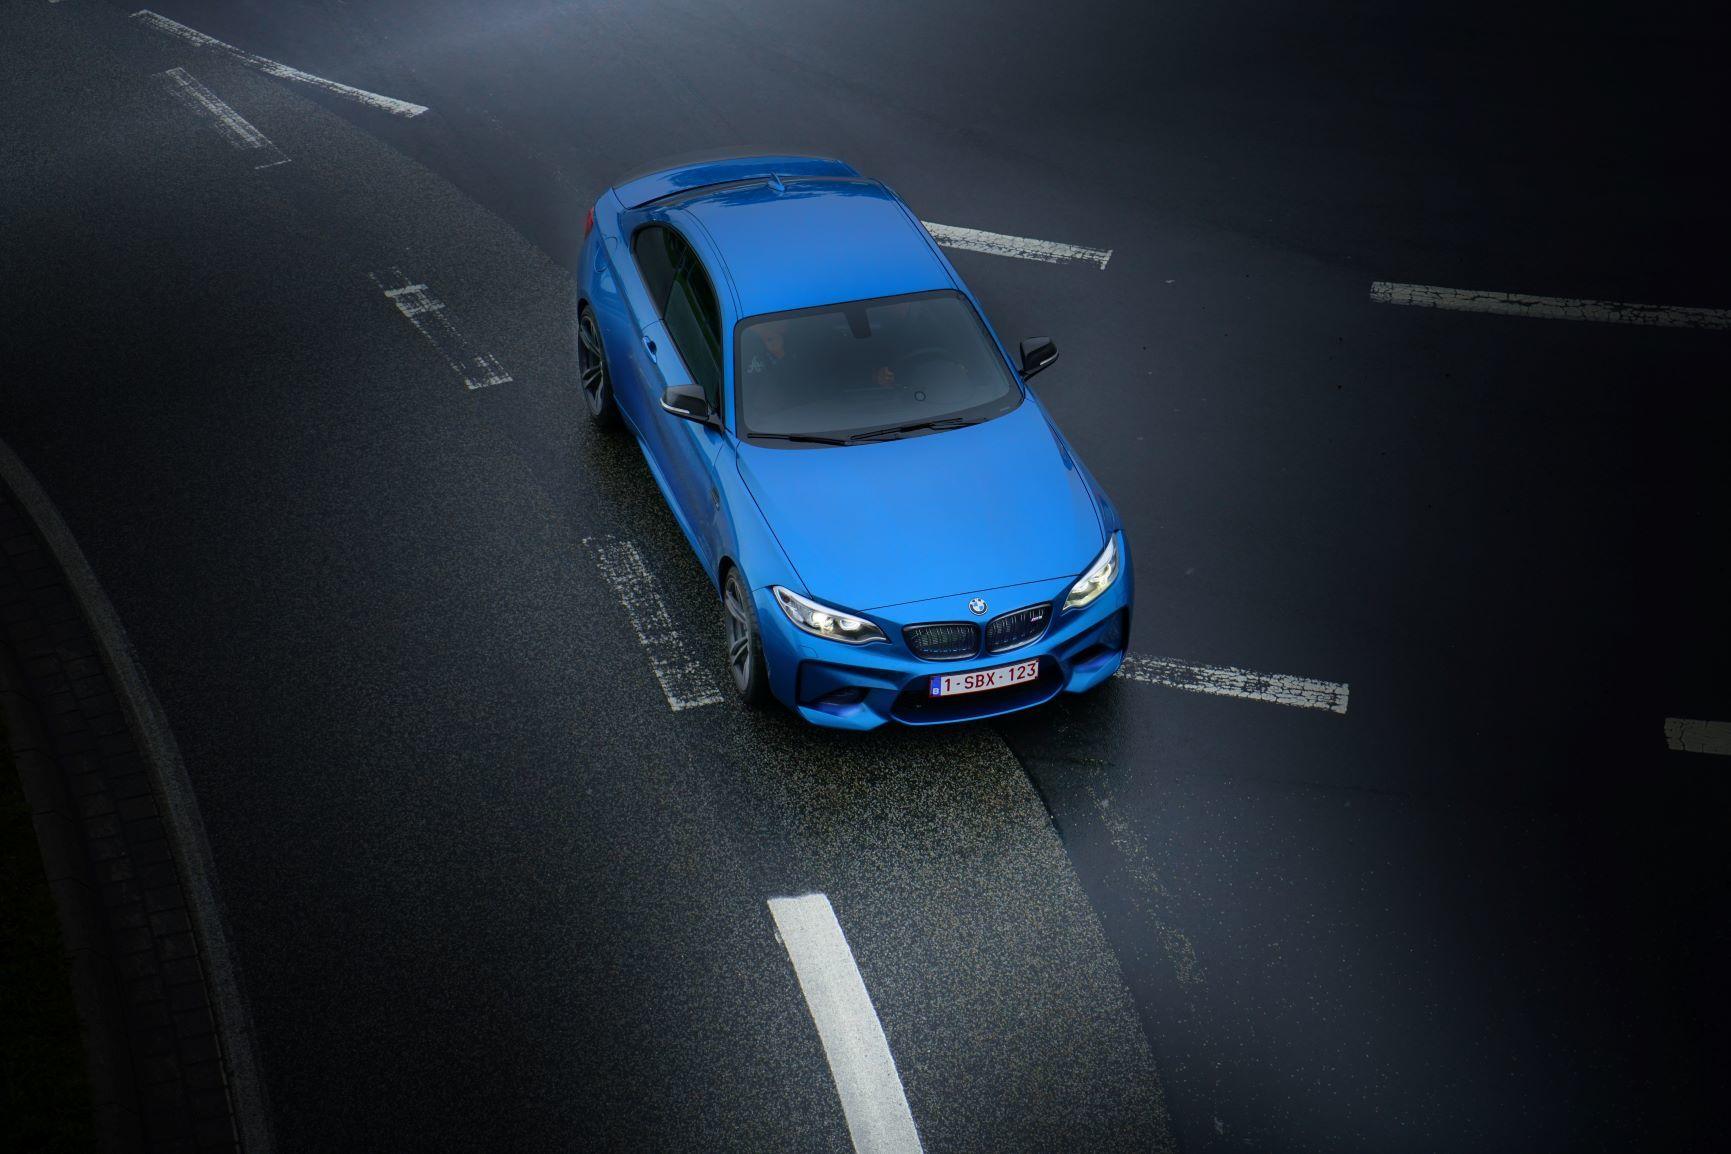 Bør du tegne kaskoforsikring på din bil?